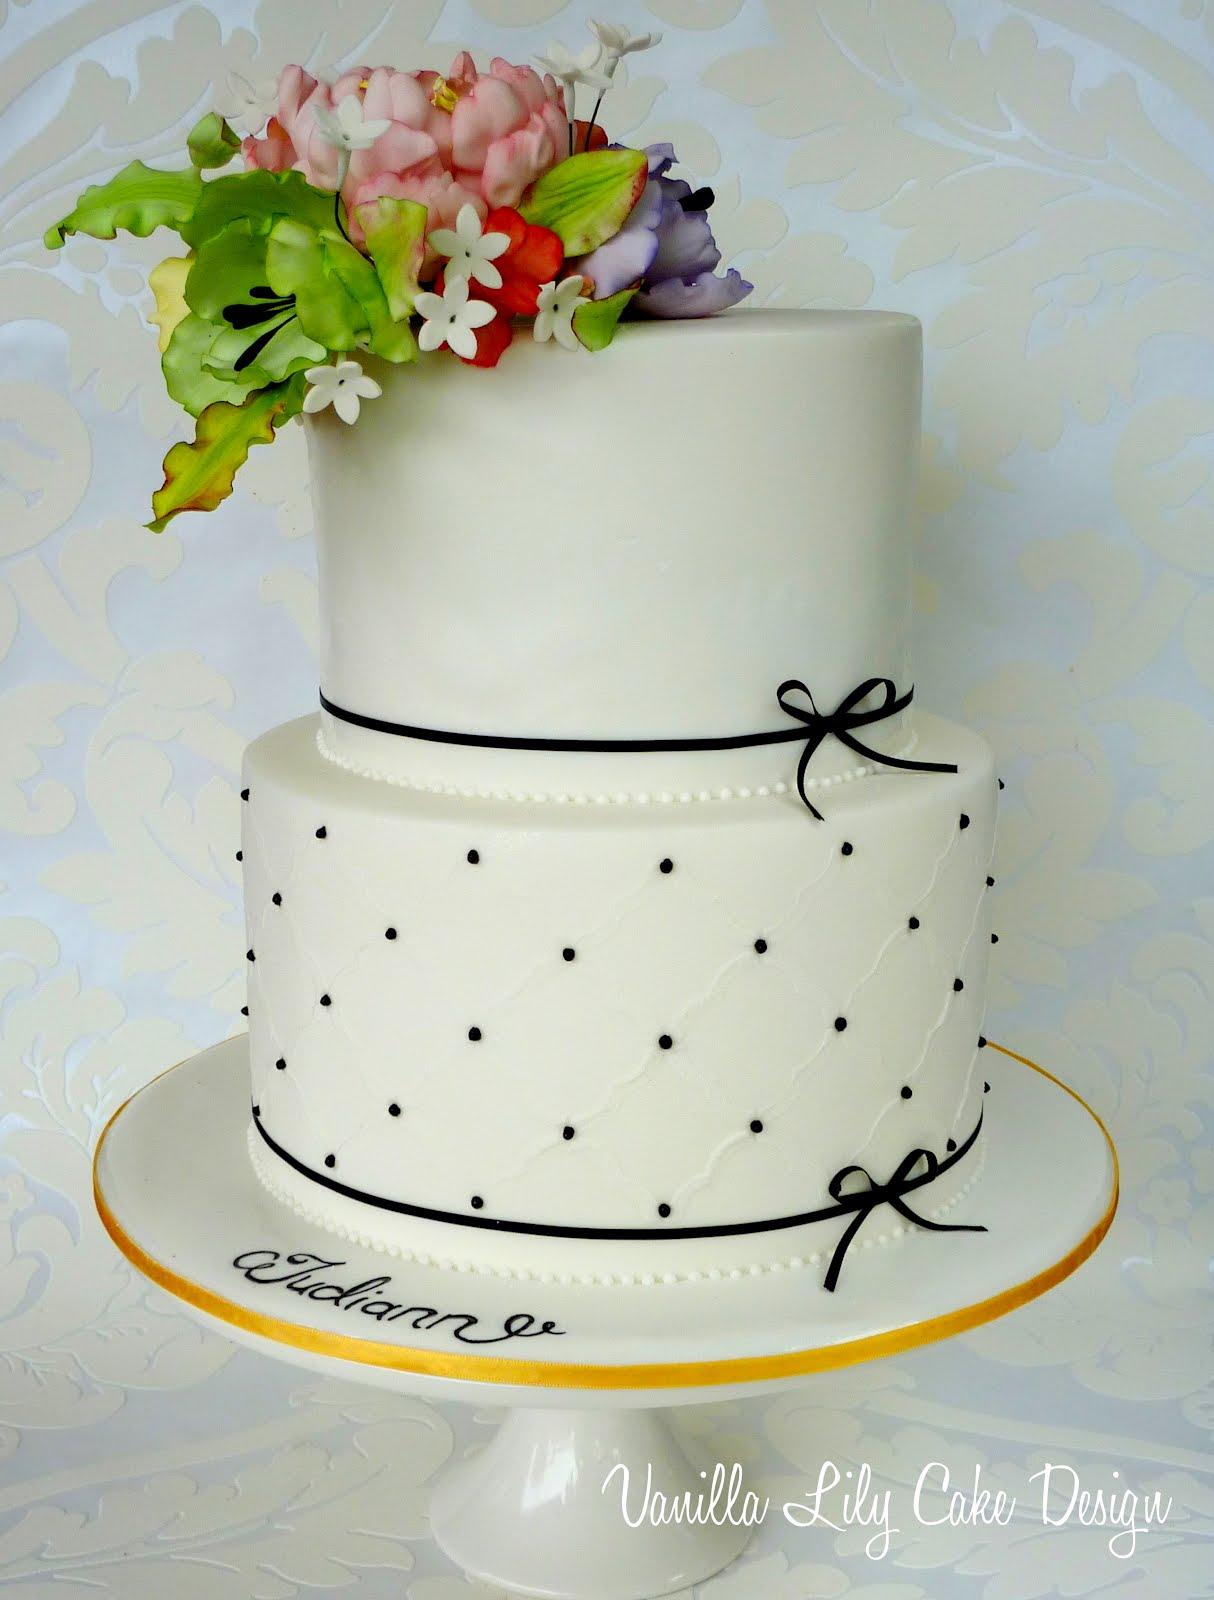 Vanilla Lily Cake Design